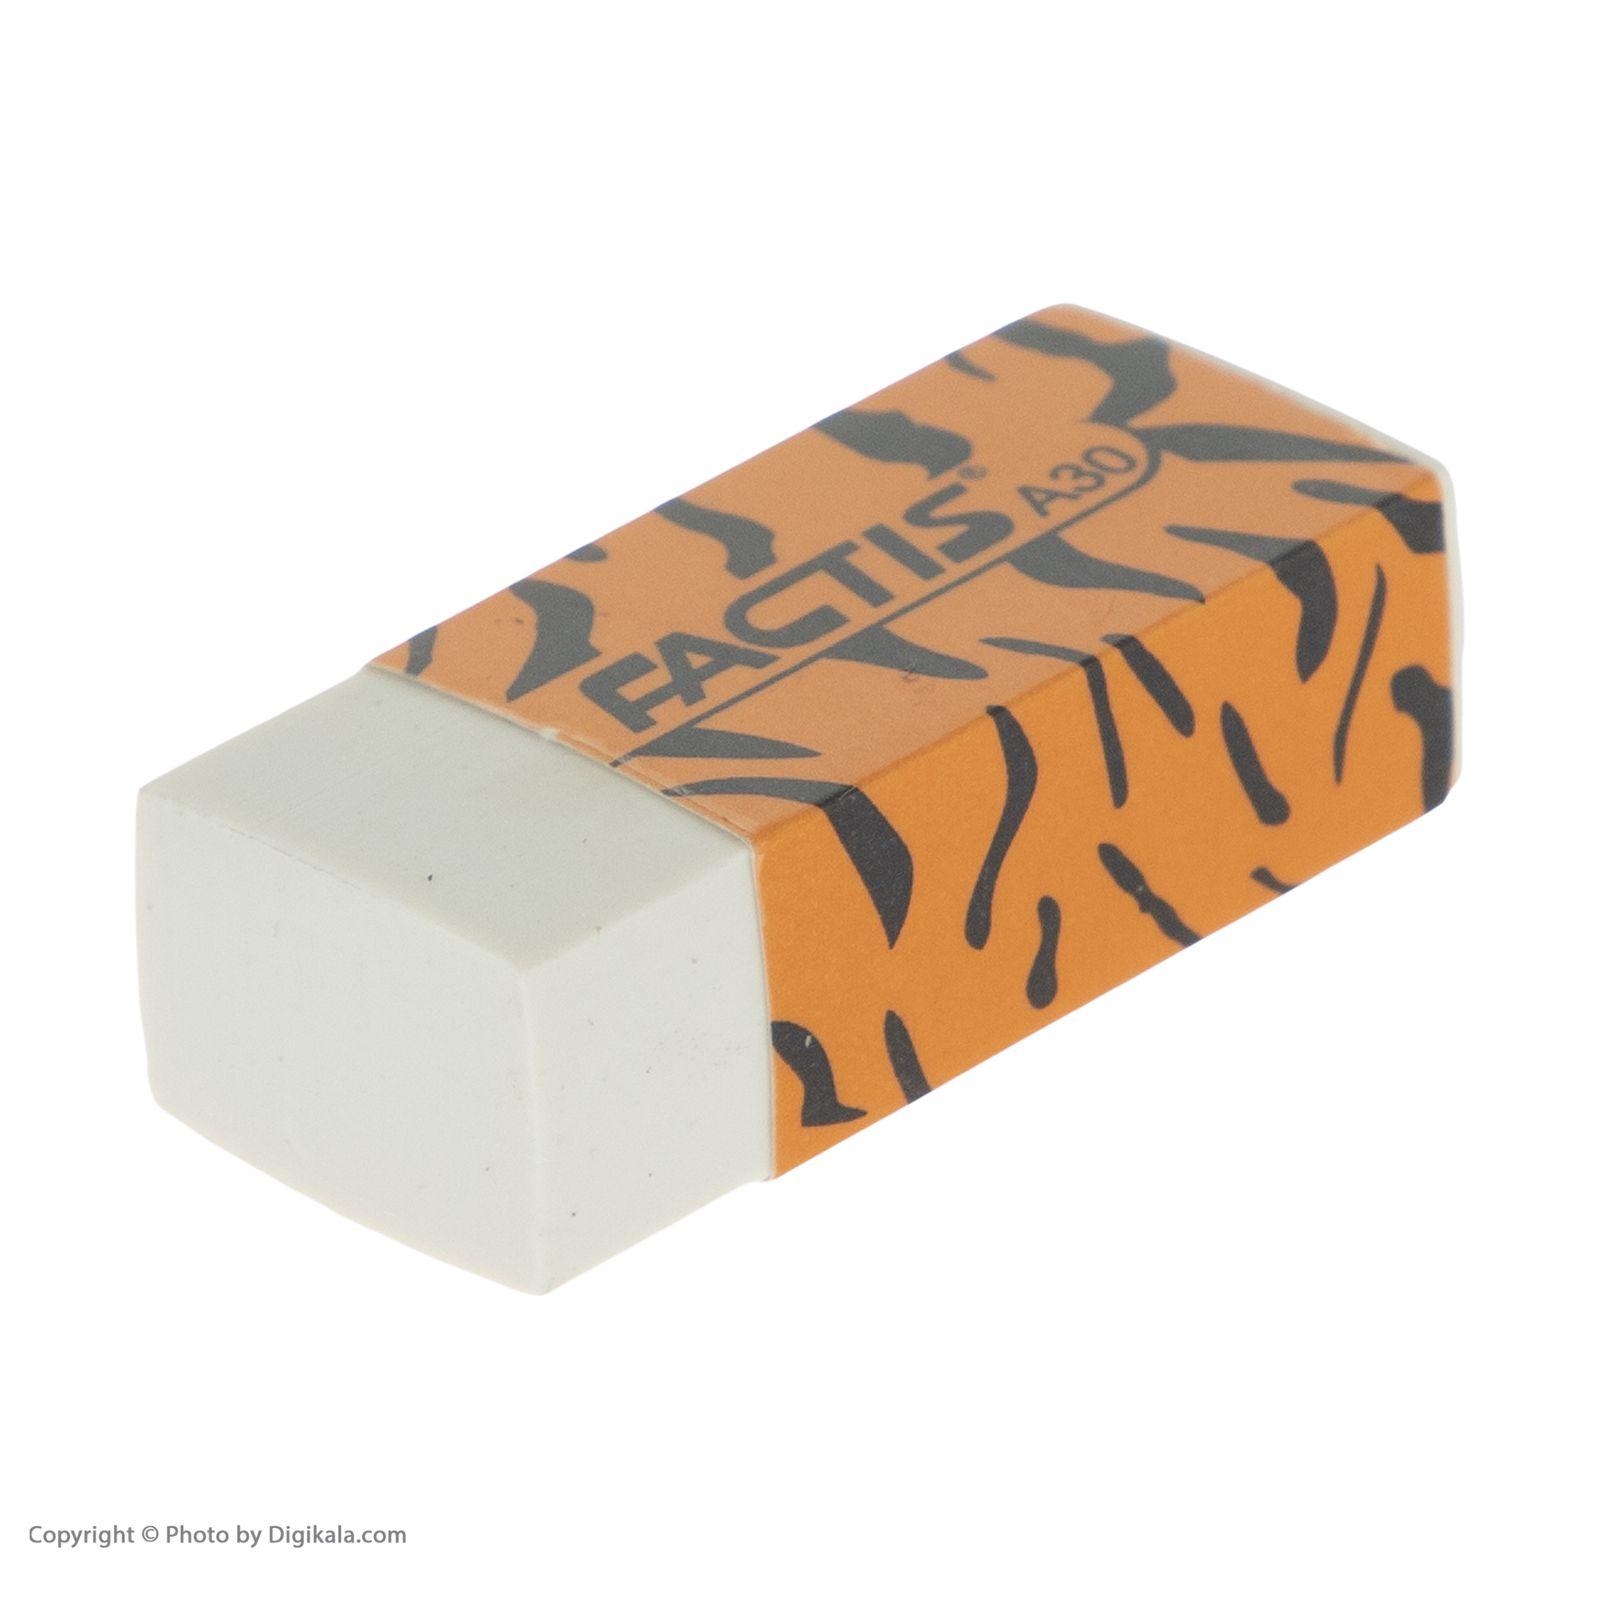 ست مداد مشکی و پاک کن فکتیس طرح ببر بسته 3 عددی main 1 4